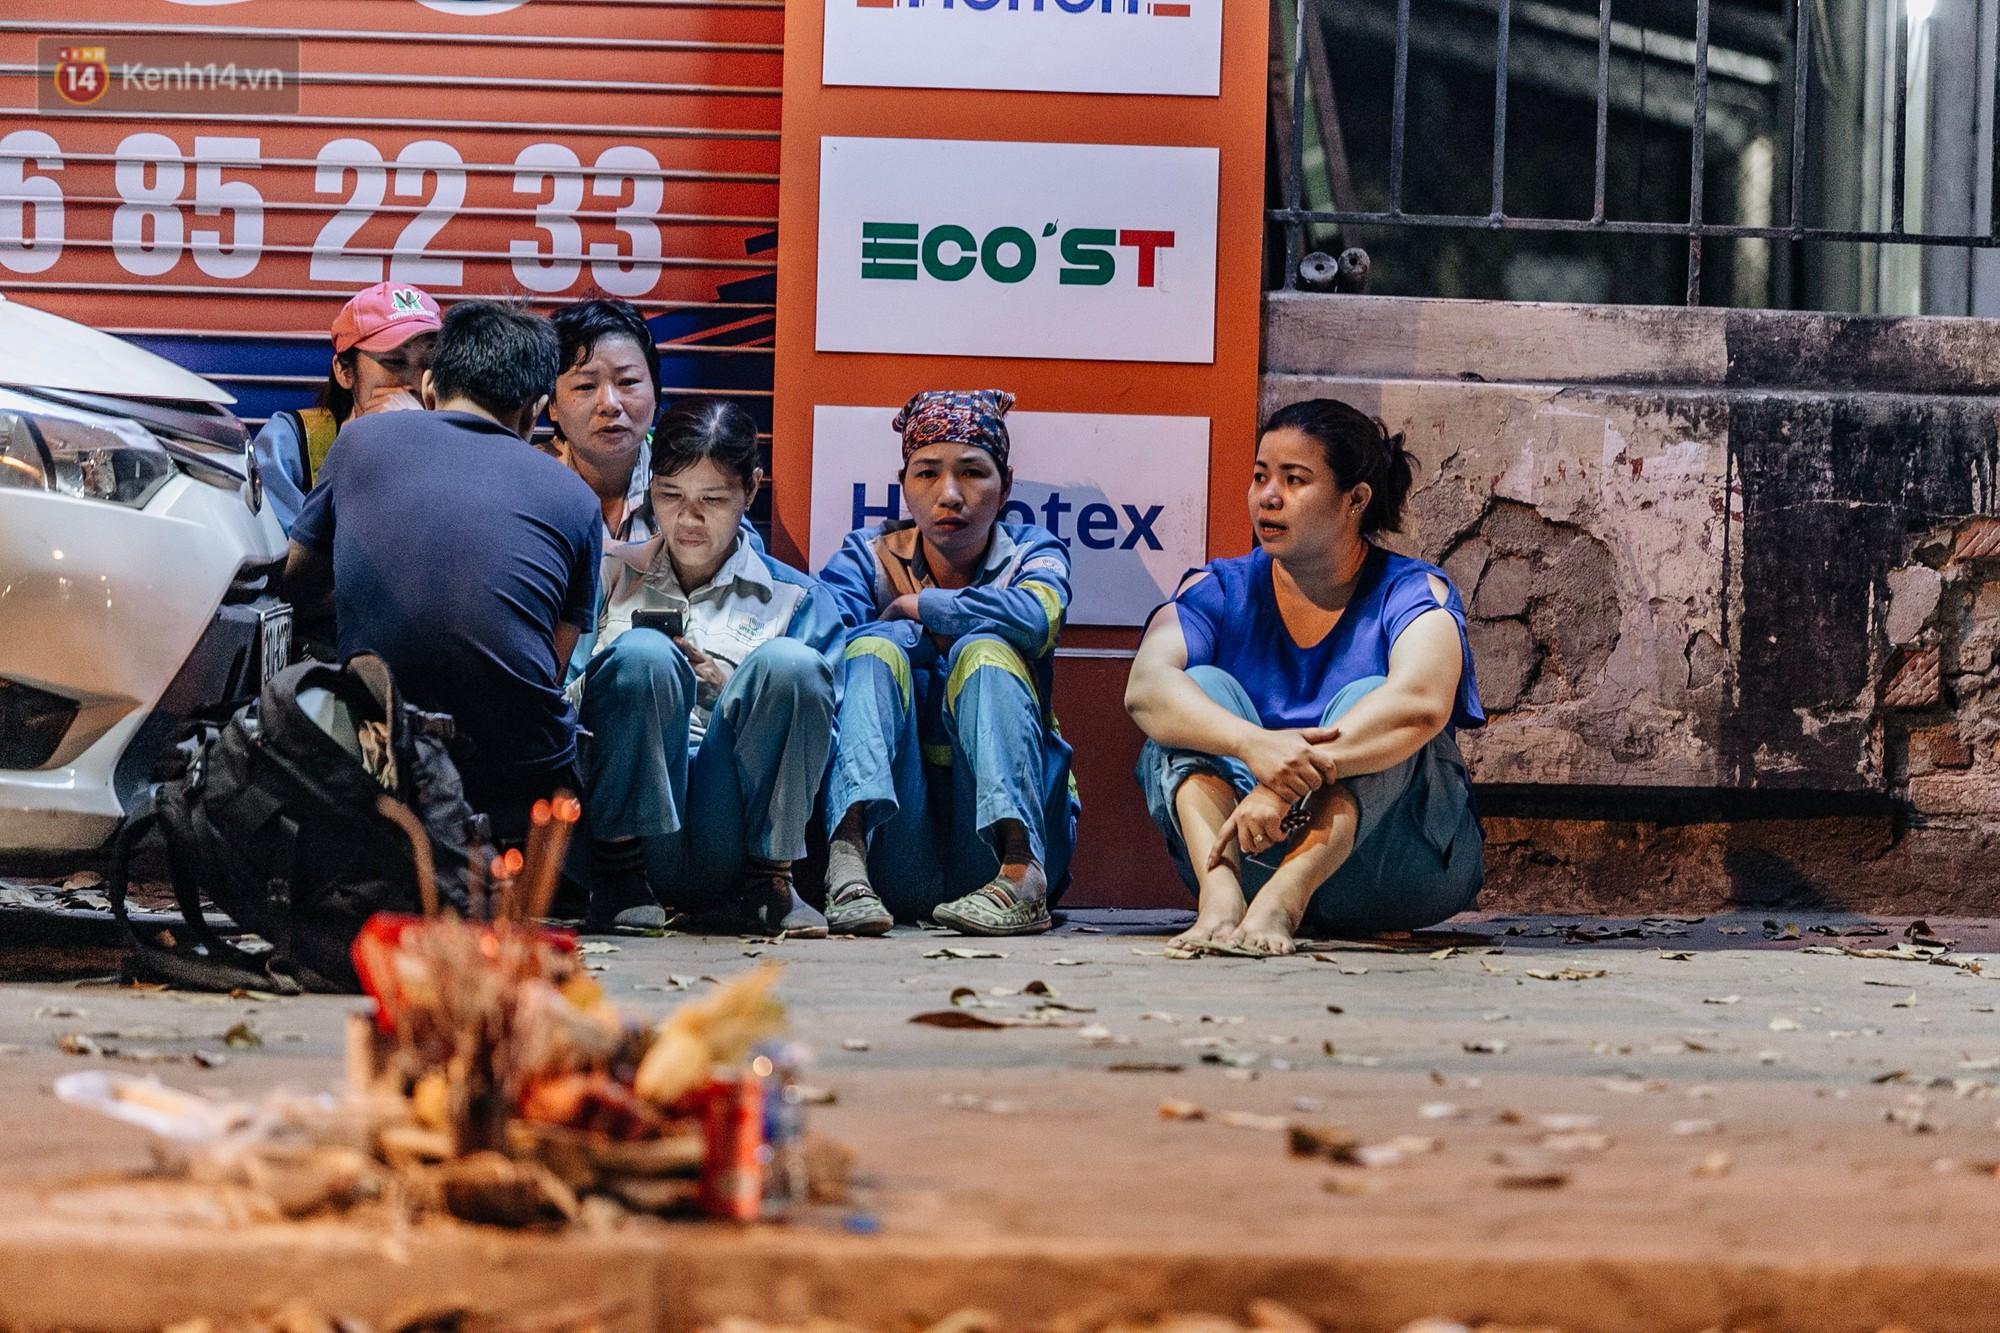 Sự ra đi của nữ công nhân môi trường và nỗi ám ảnh người ở lại: Những phận đời phu rác bám đường phố Hà Nội mưu sinh-2